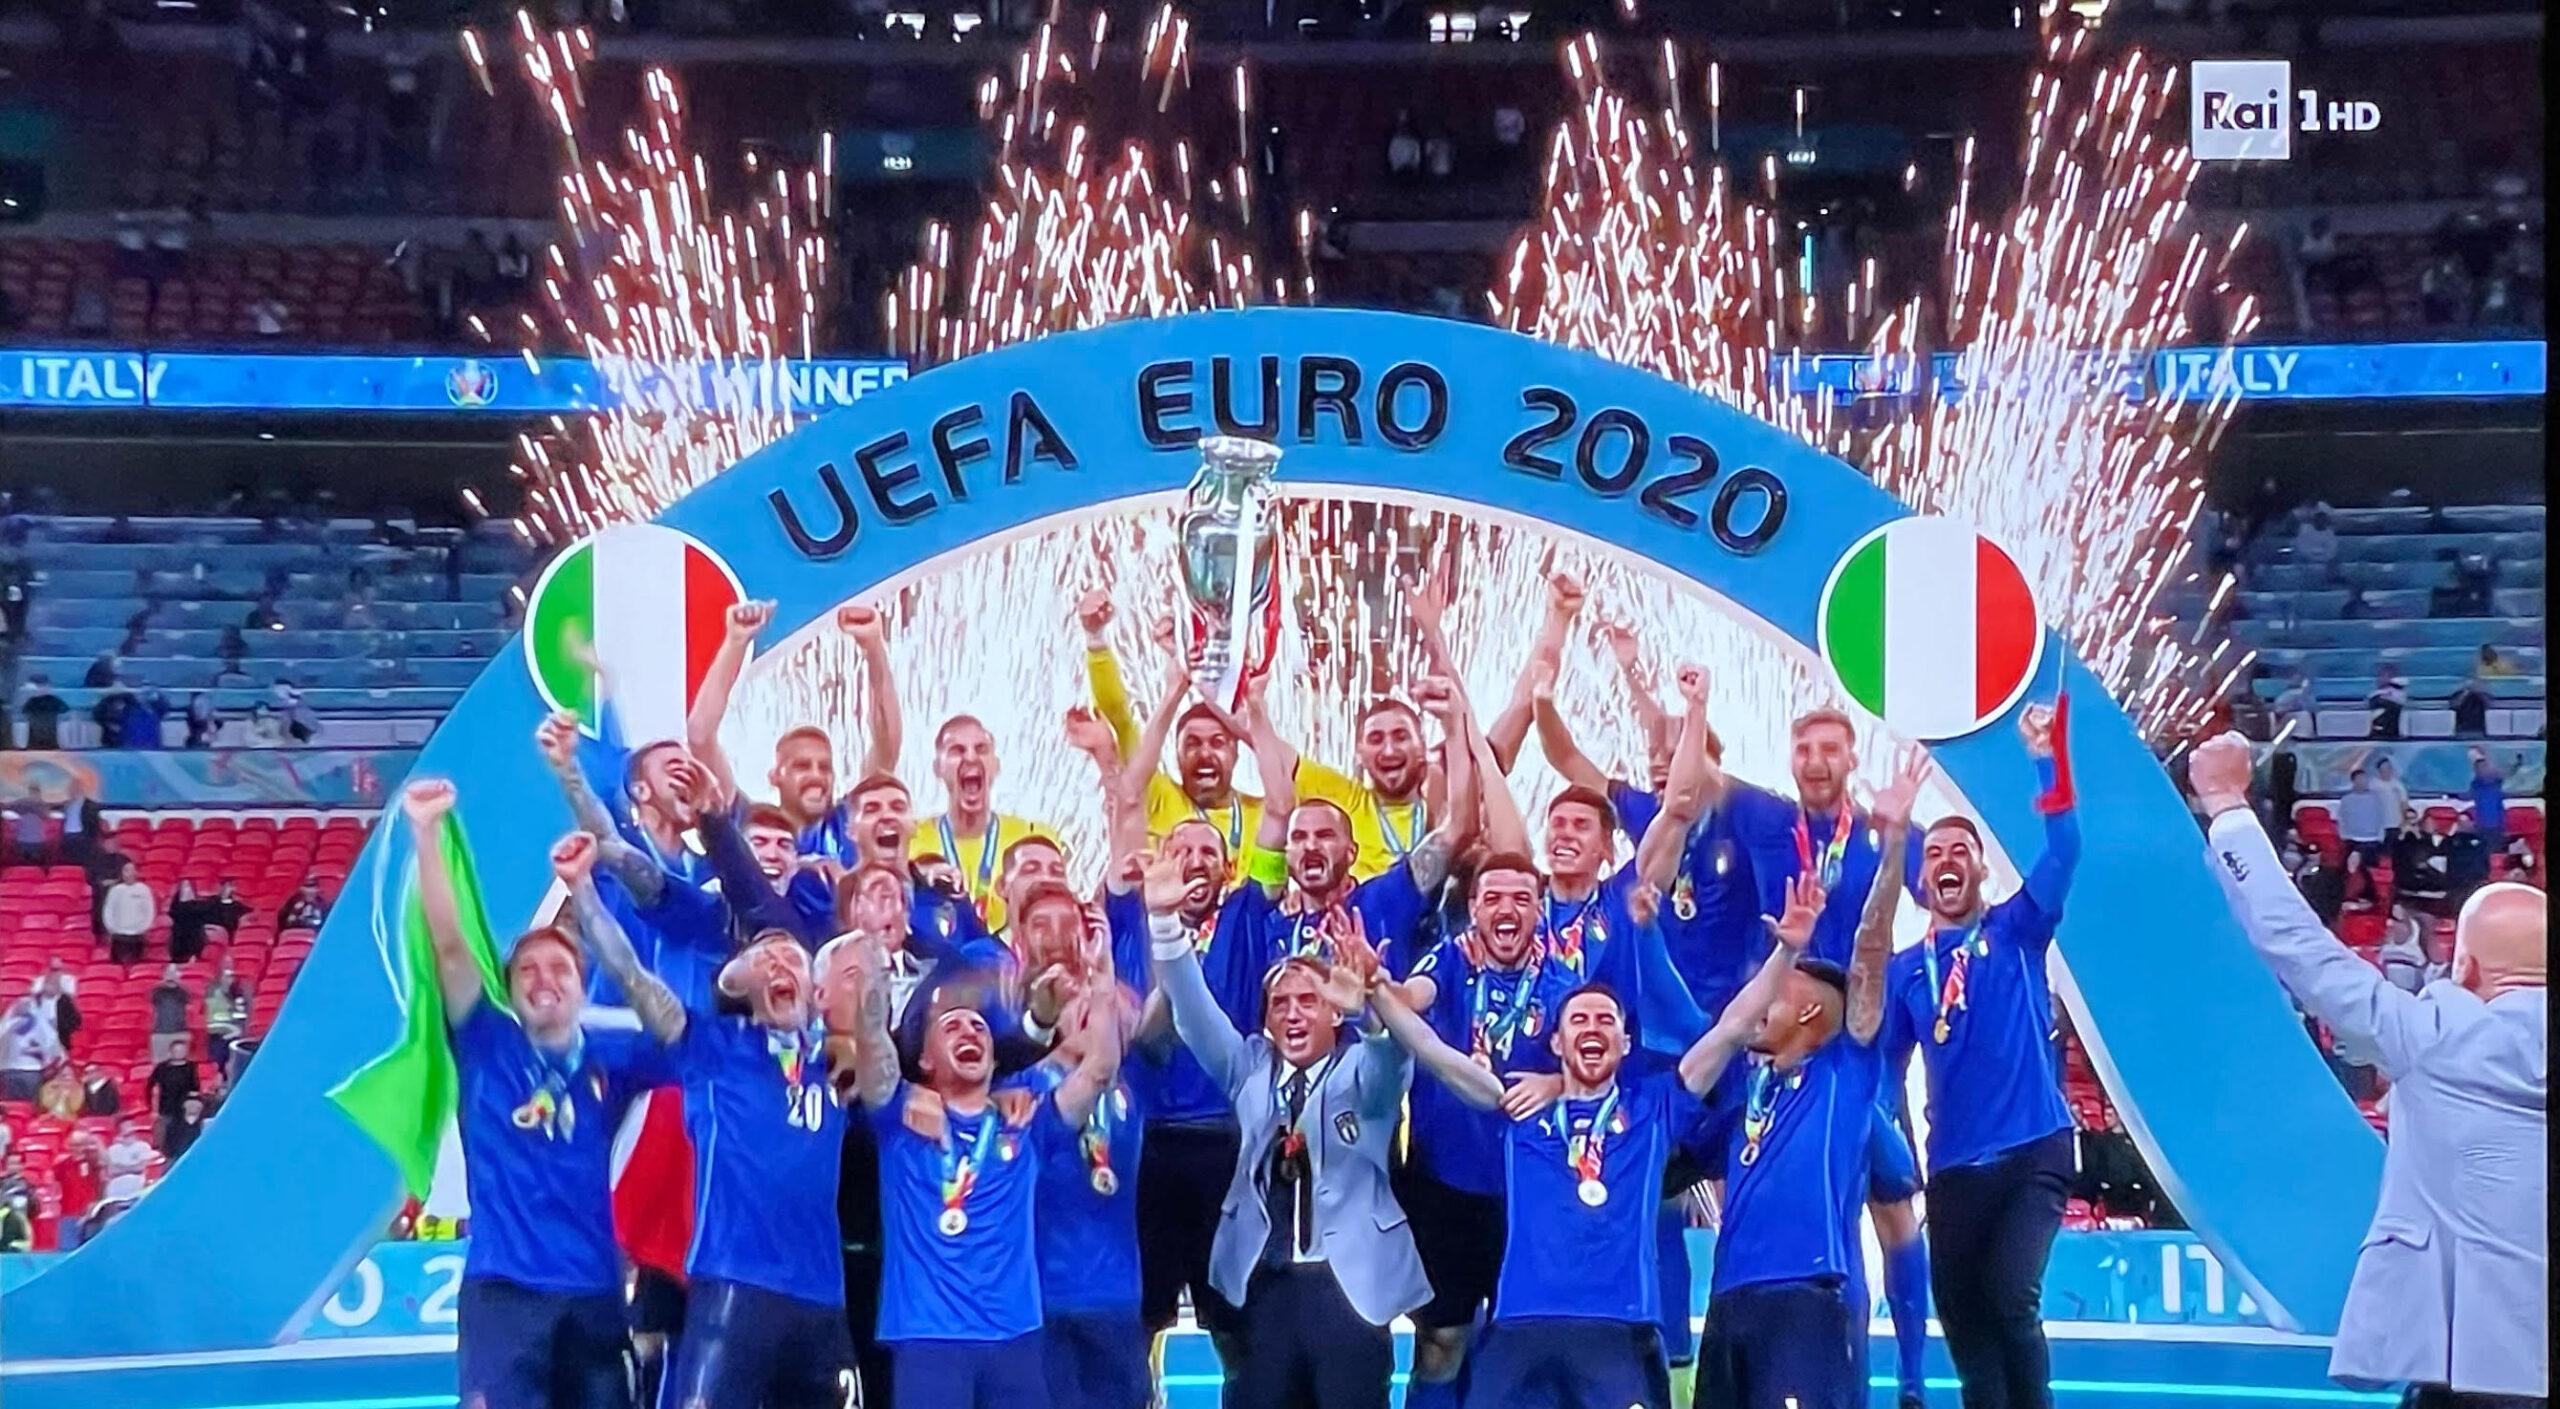 イタリア最新情報「ウィンブルドン、ヨーロッパ杯、イタリアの特別な日曜日」